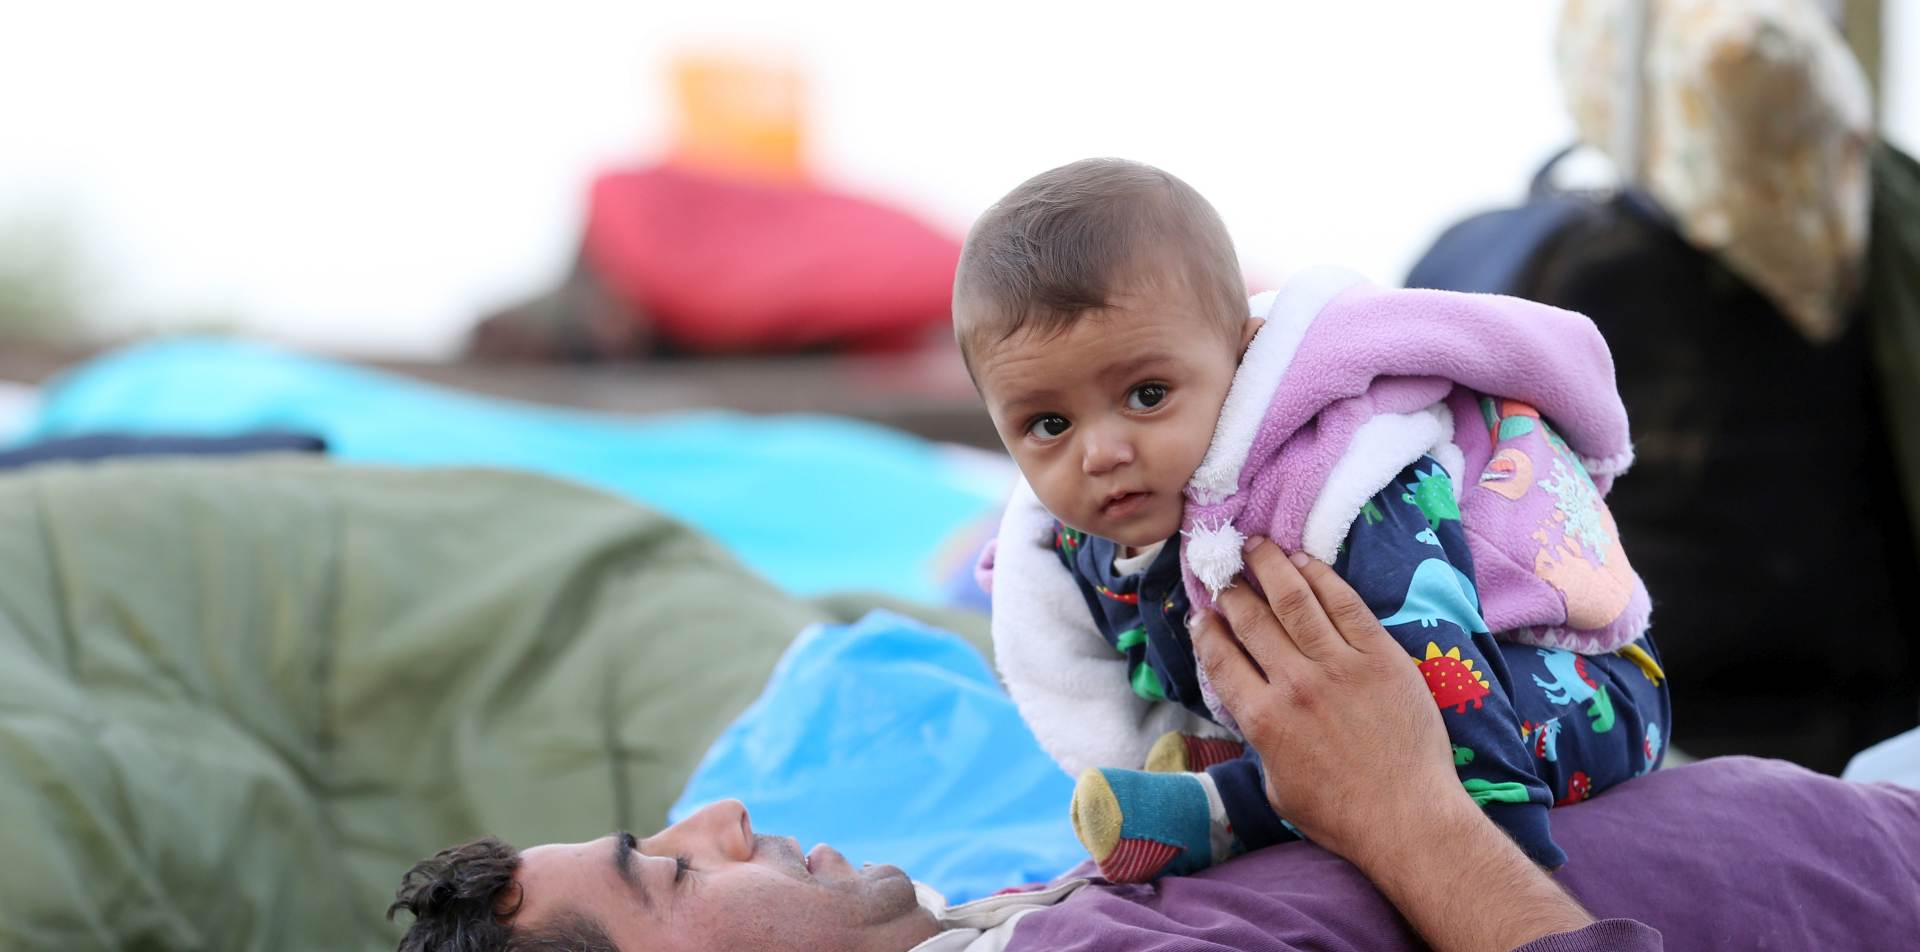 RAZMJEŠTANJE IZBJEGLICA: 196 migranata i izbjeglica smješteno u Čepinu